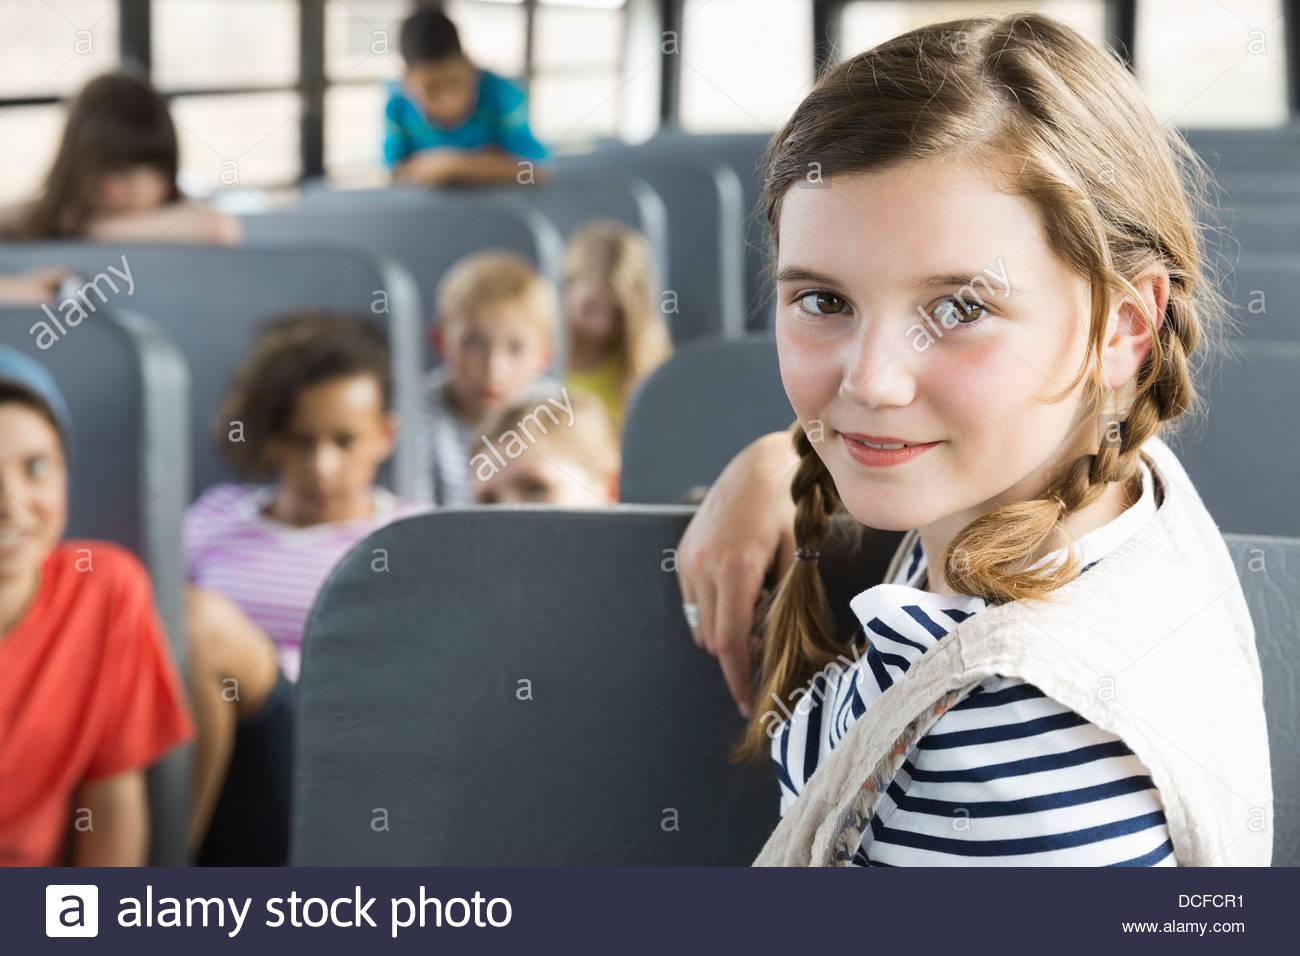 Retrato de linda chica dentro del autobús escolar Imagen De Stock